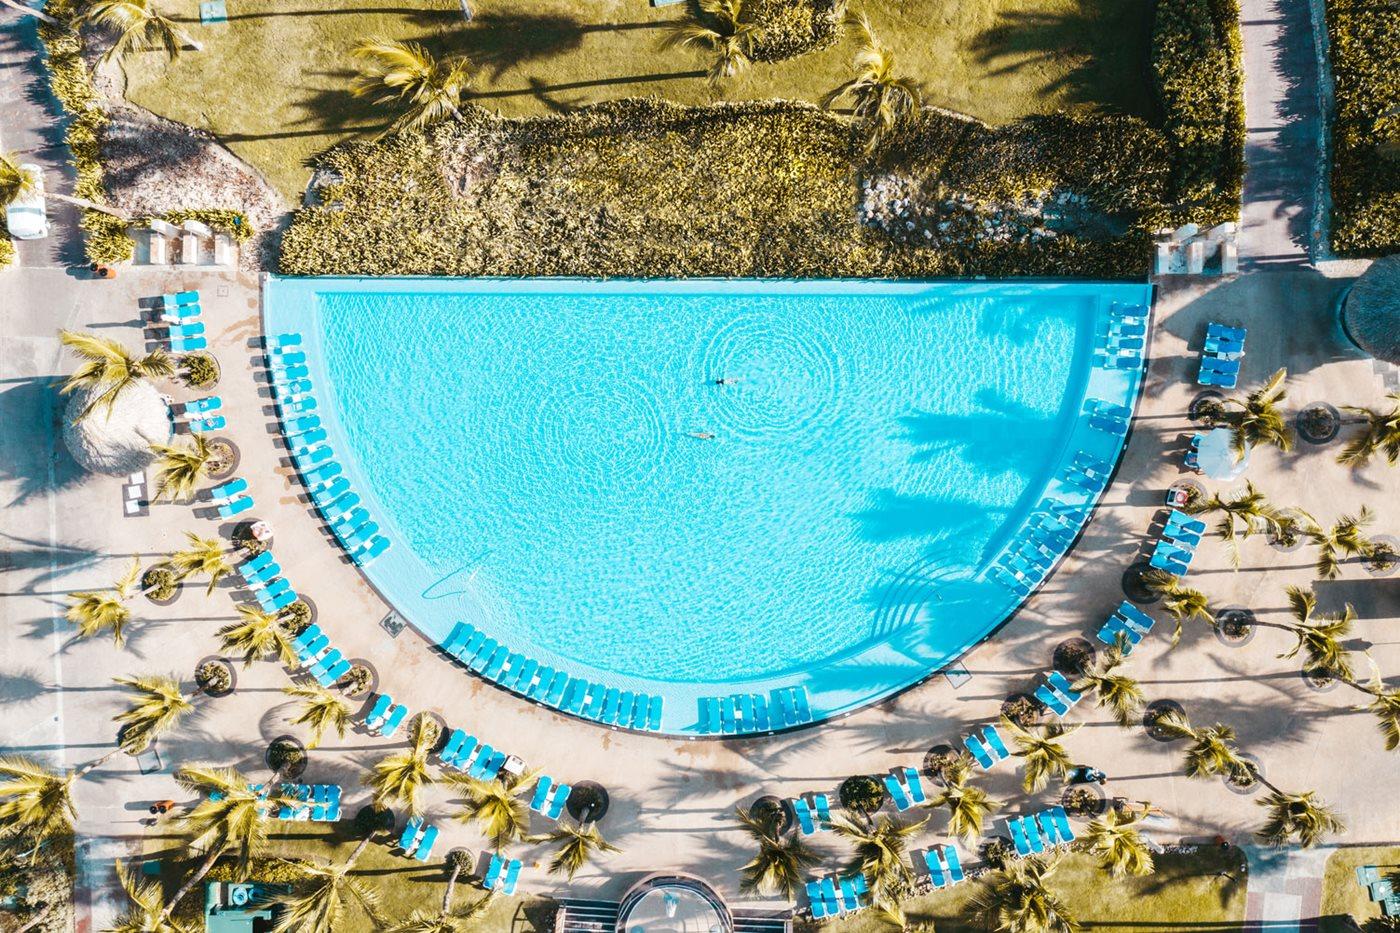 PUJ-Hard-Rock-Hotel-Casino-Pool-002